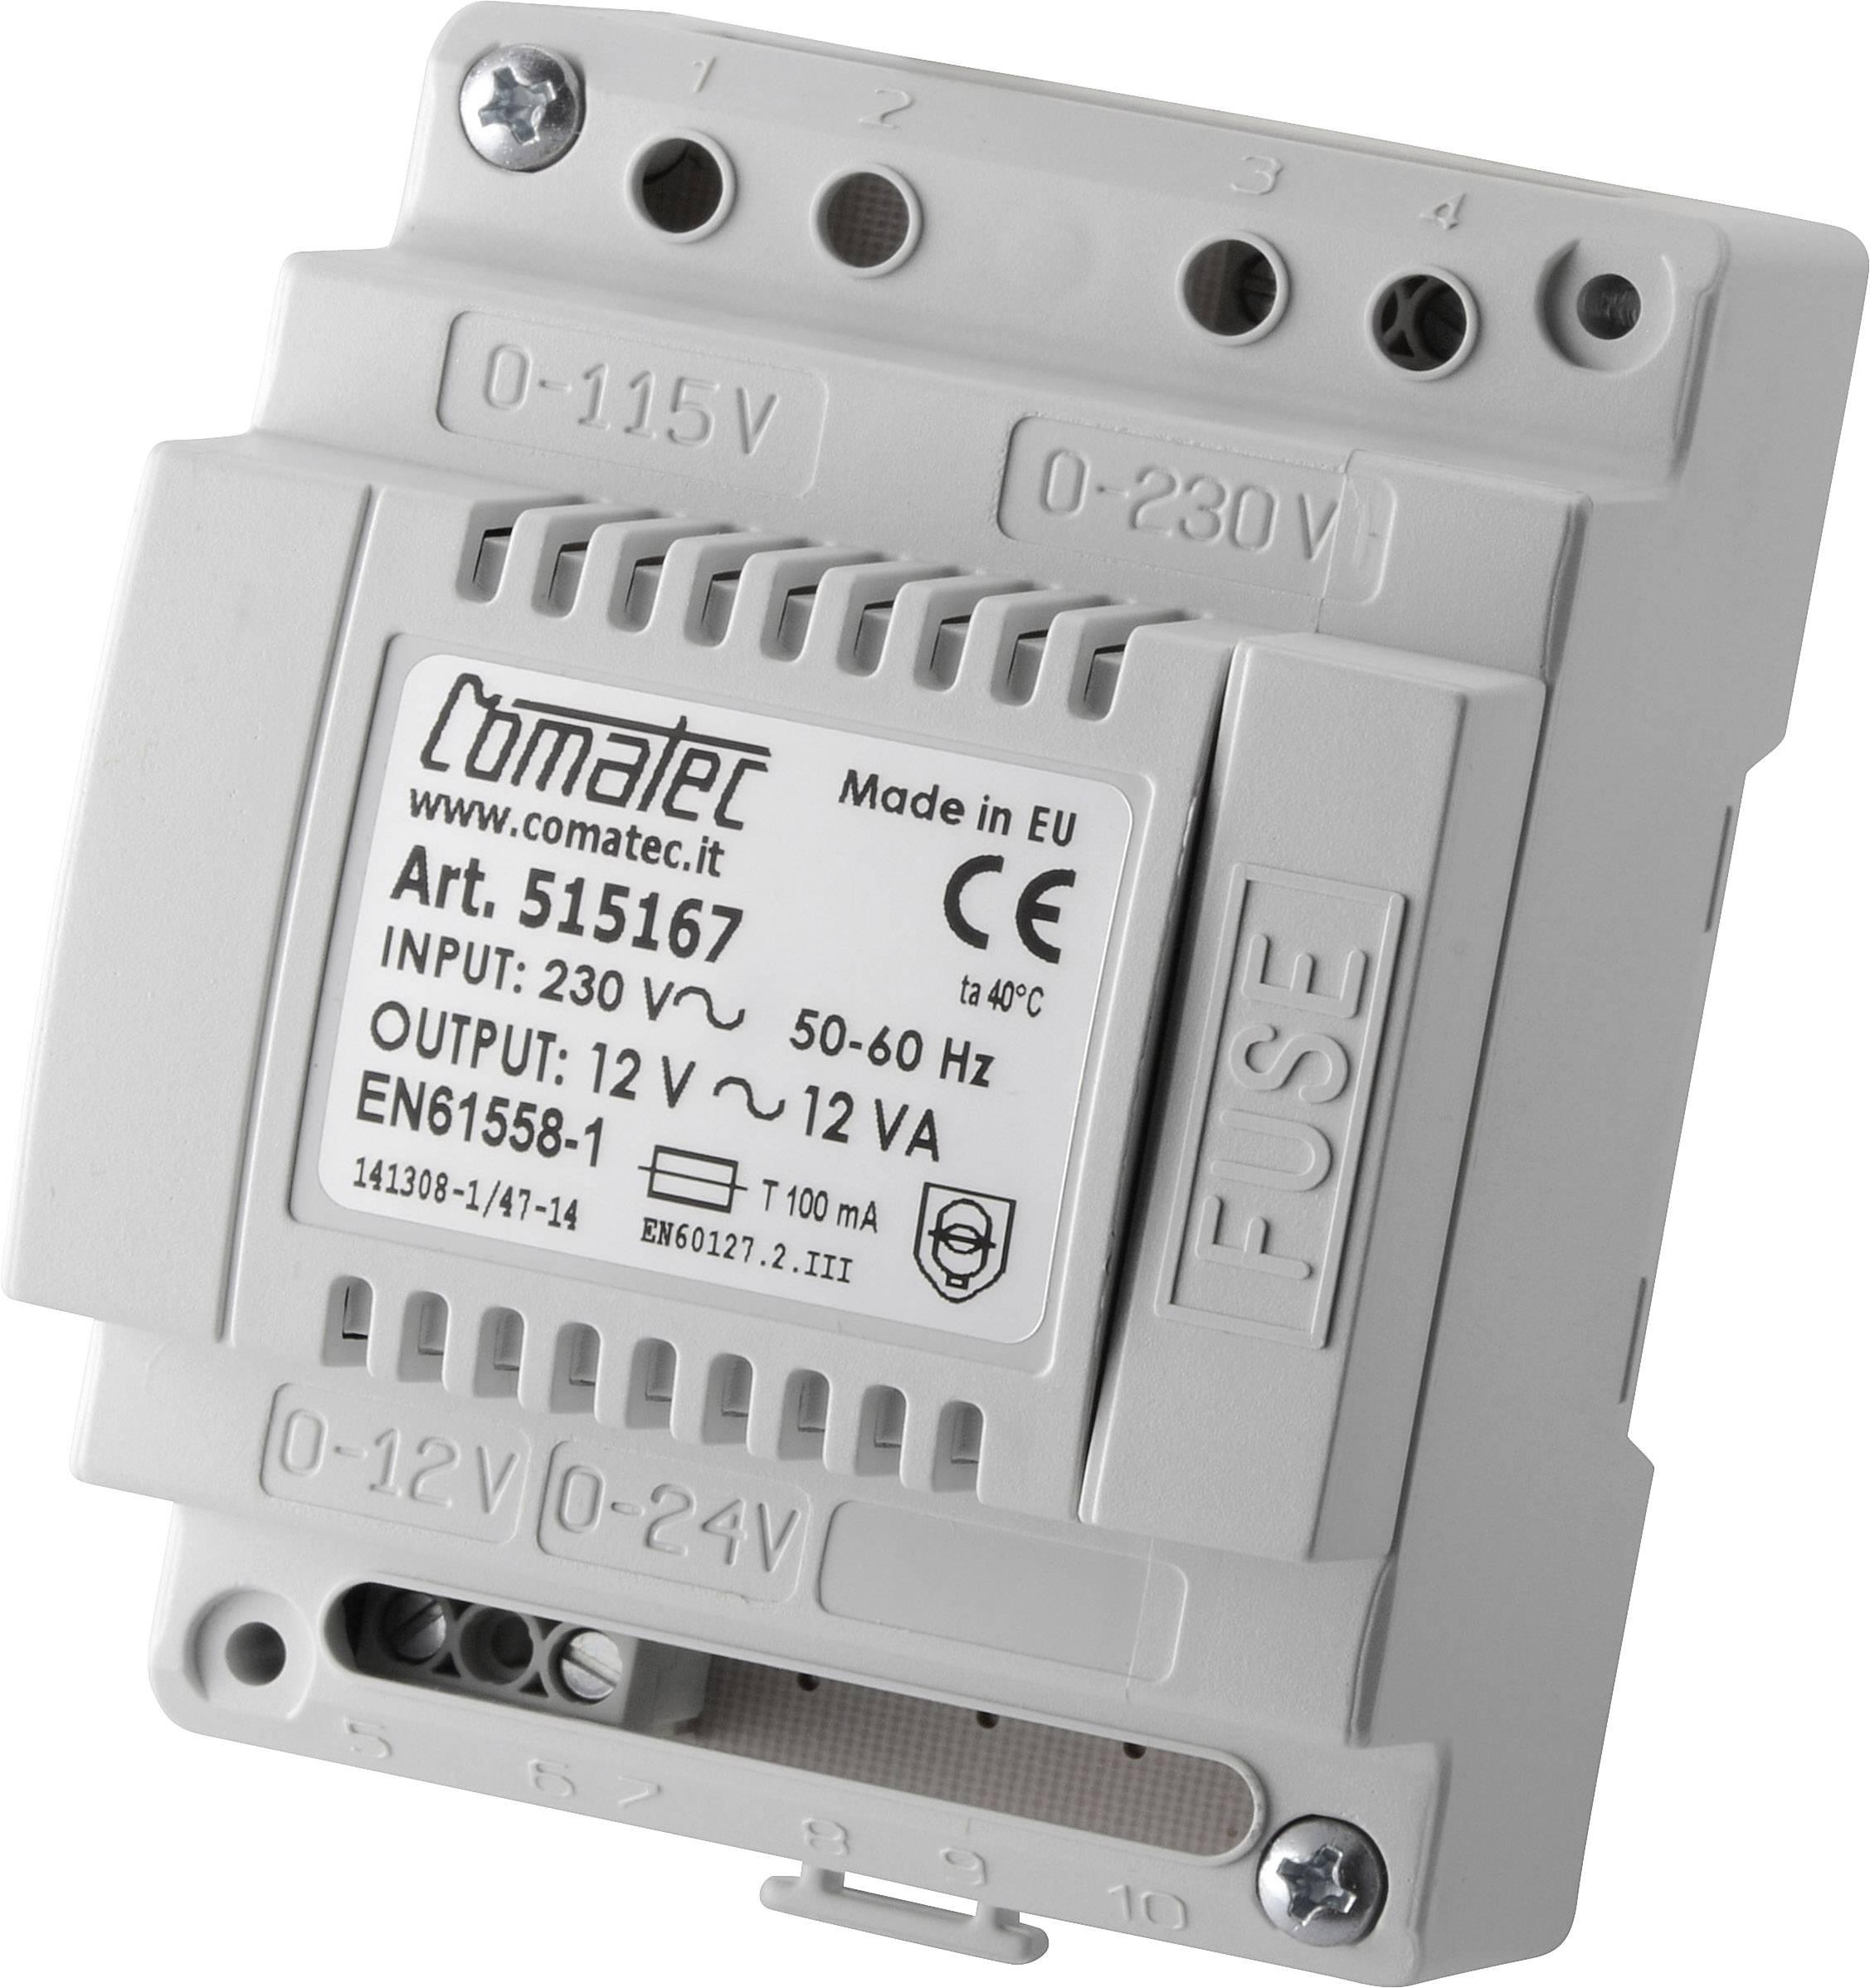 Sieťový zdroj na montážnu lištu (DIN lištu) Comatec TRAFO 12VA 12V, 12 V/AC, 1 A, 12 W